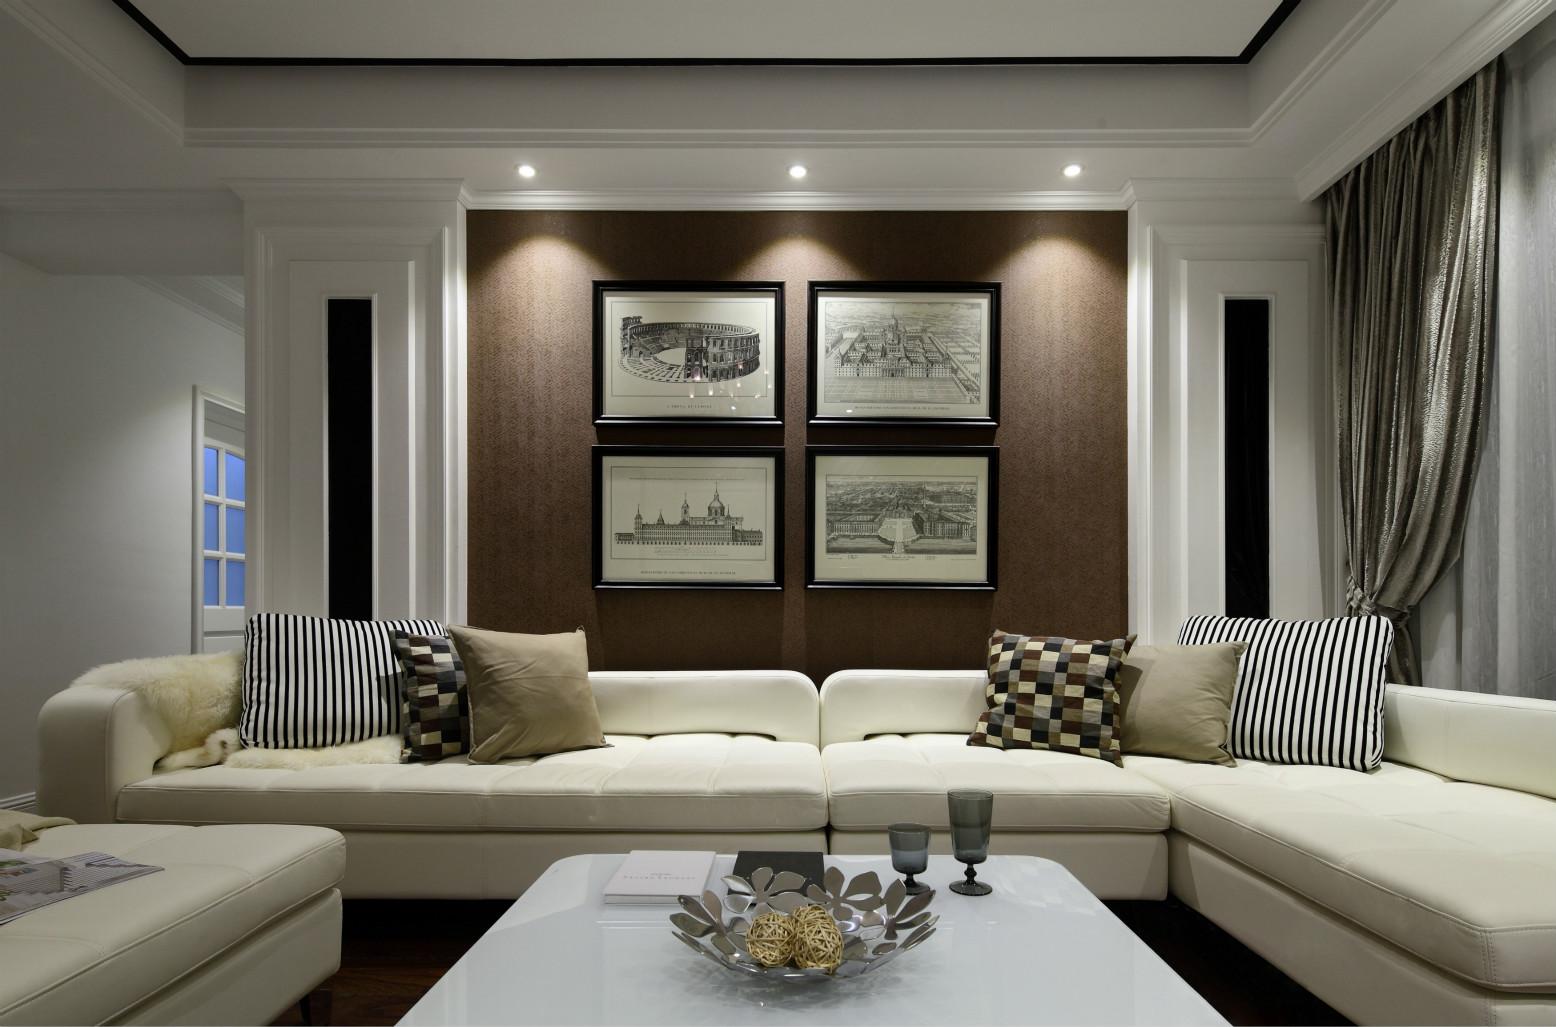 客厅背景墙挂着艺术风的挂画,衬托的客厅空间更有生机。